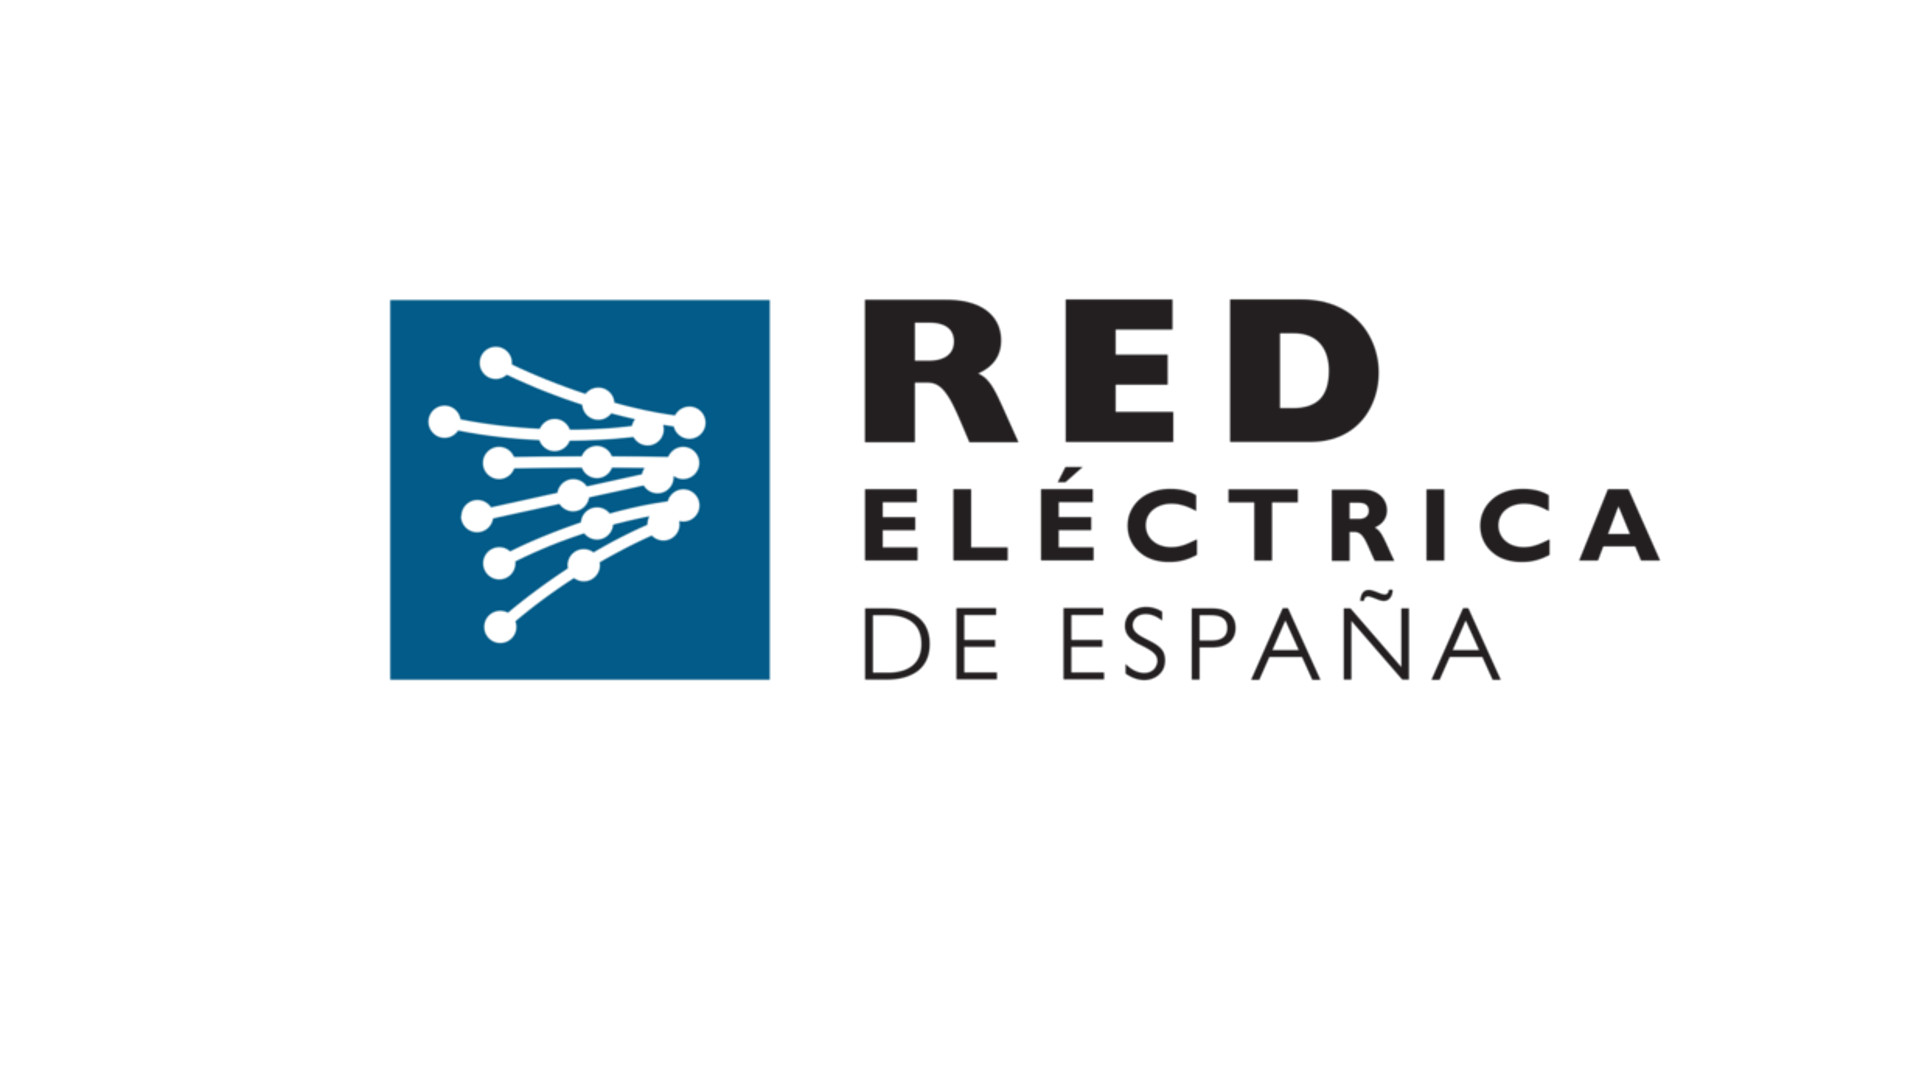 publicado-el-informe-del-sistema-electrico-español-de-red-electrica-1920